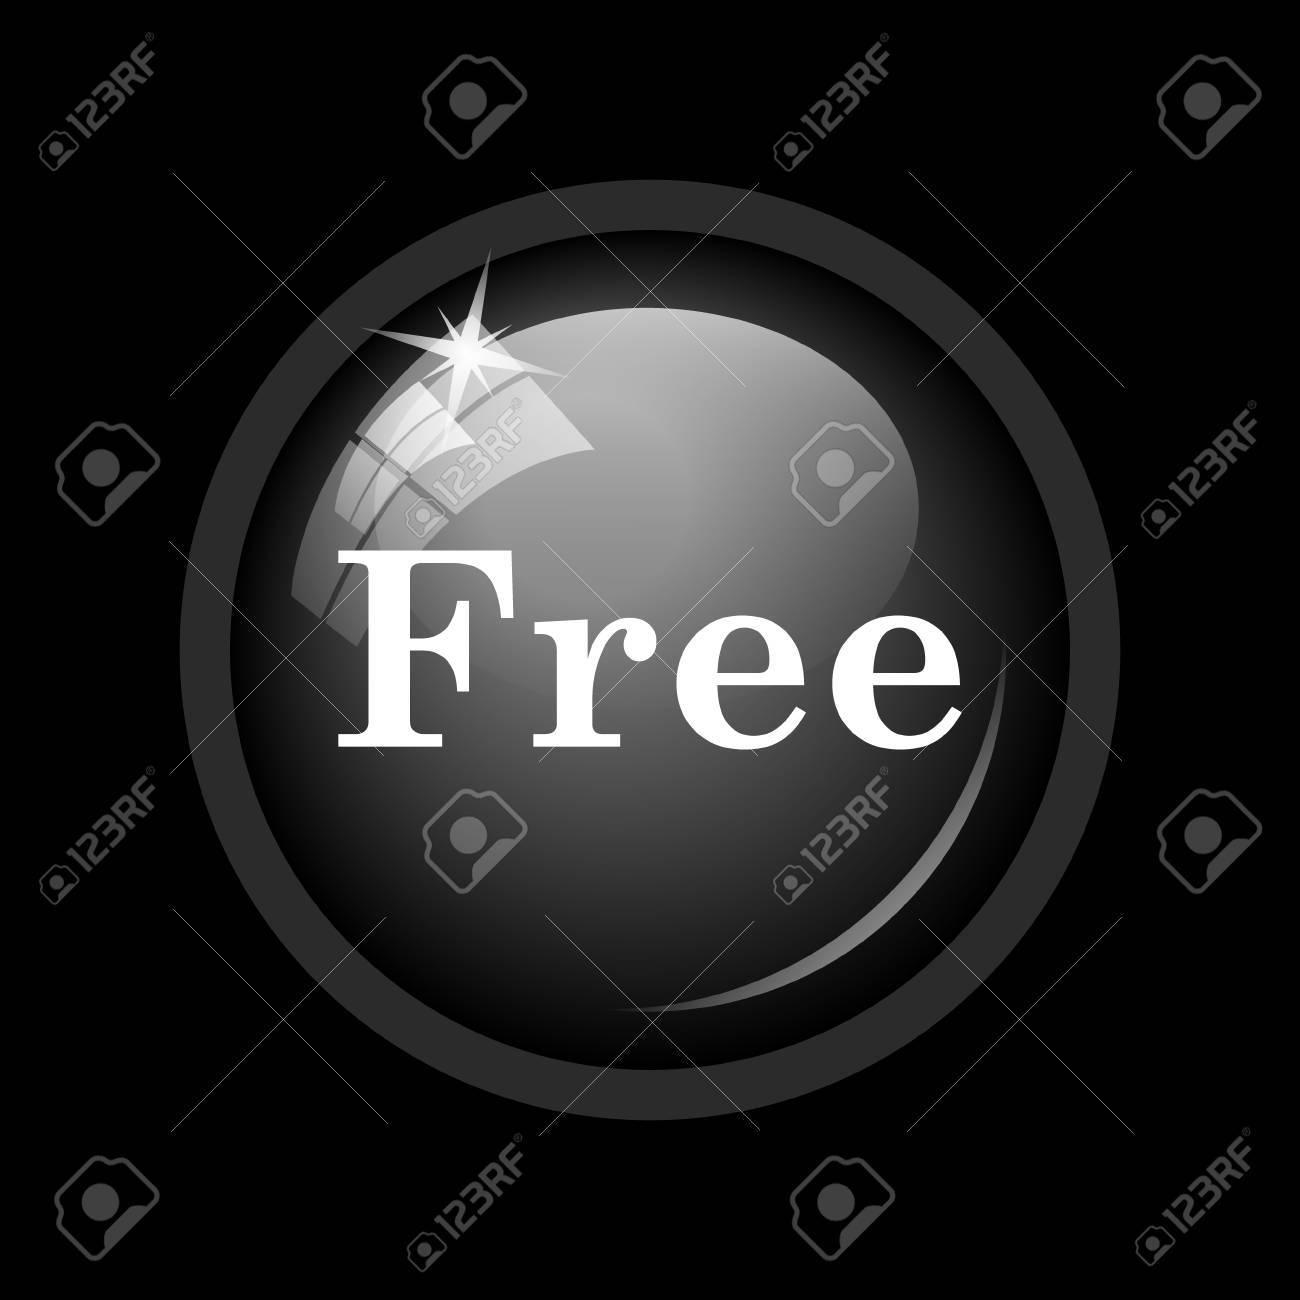 Imagenes fondo negro gratis